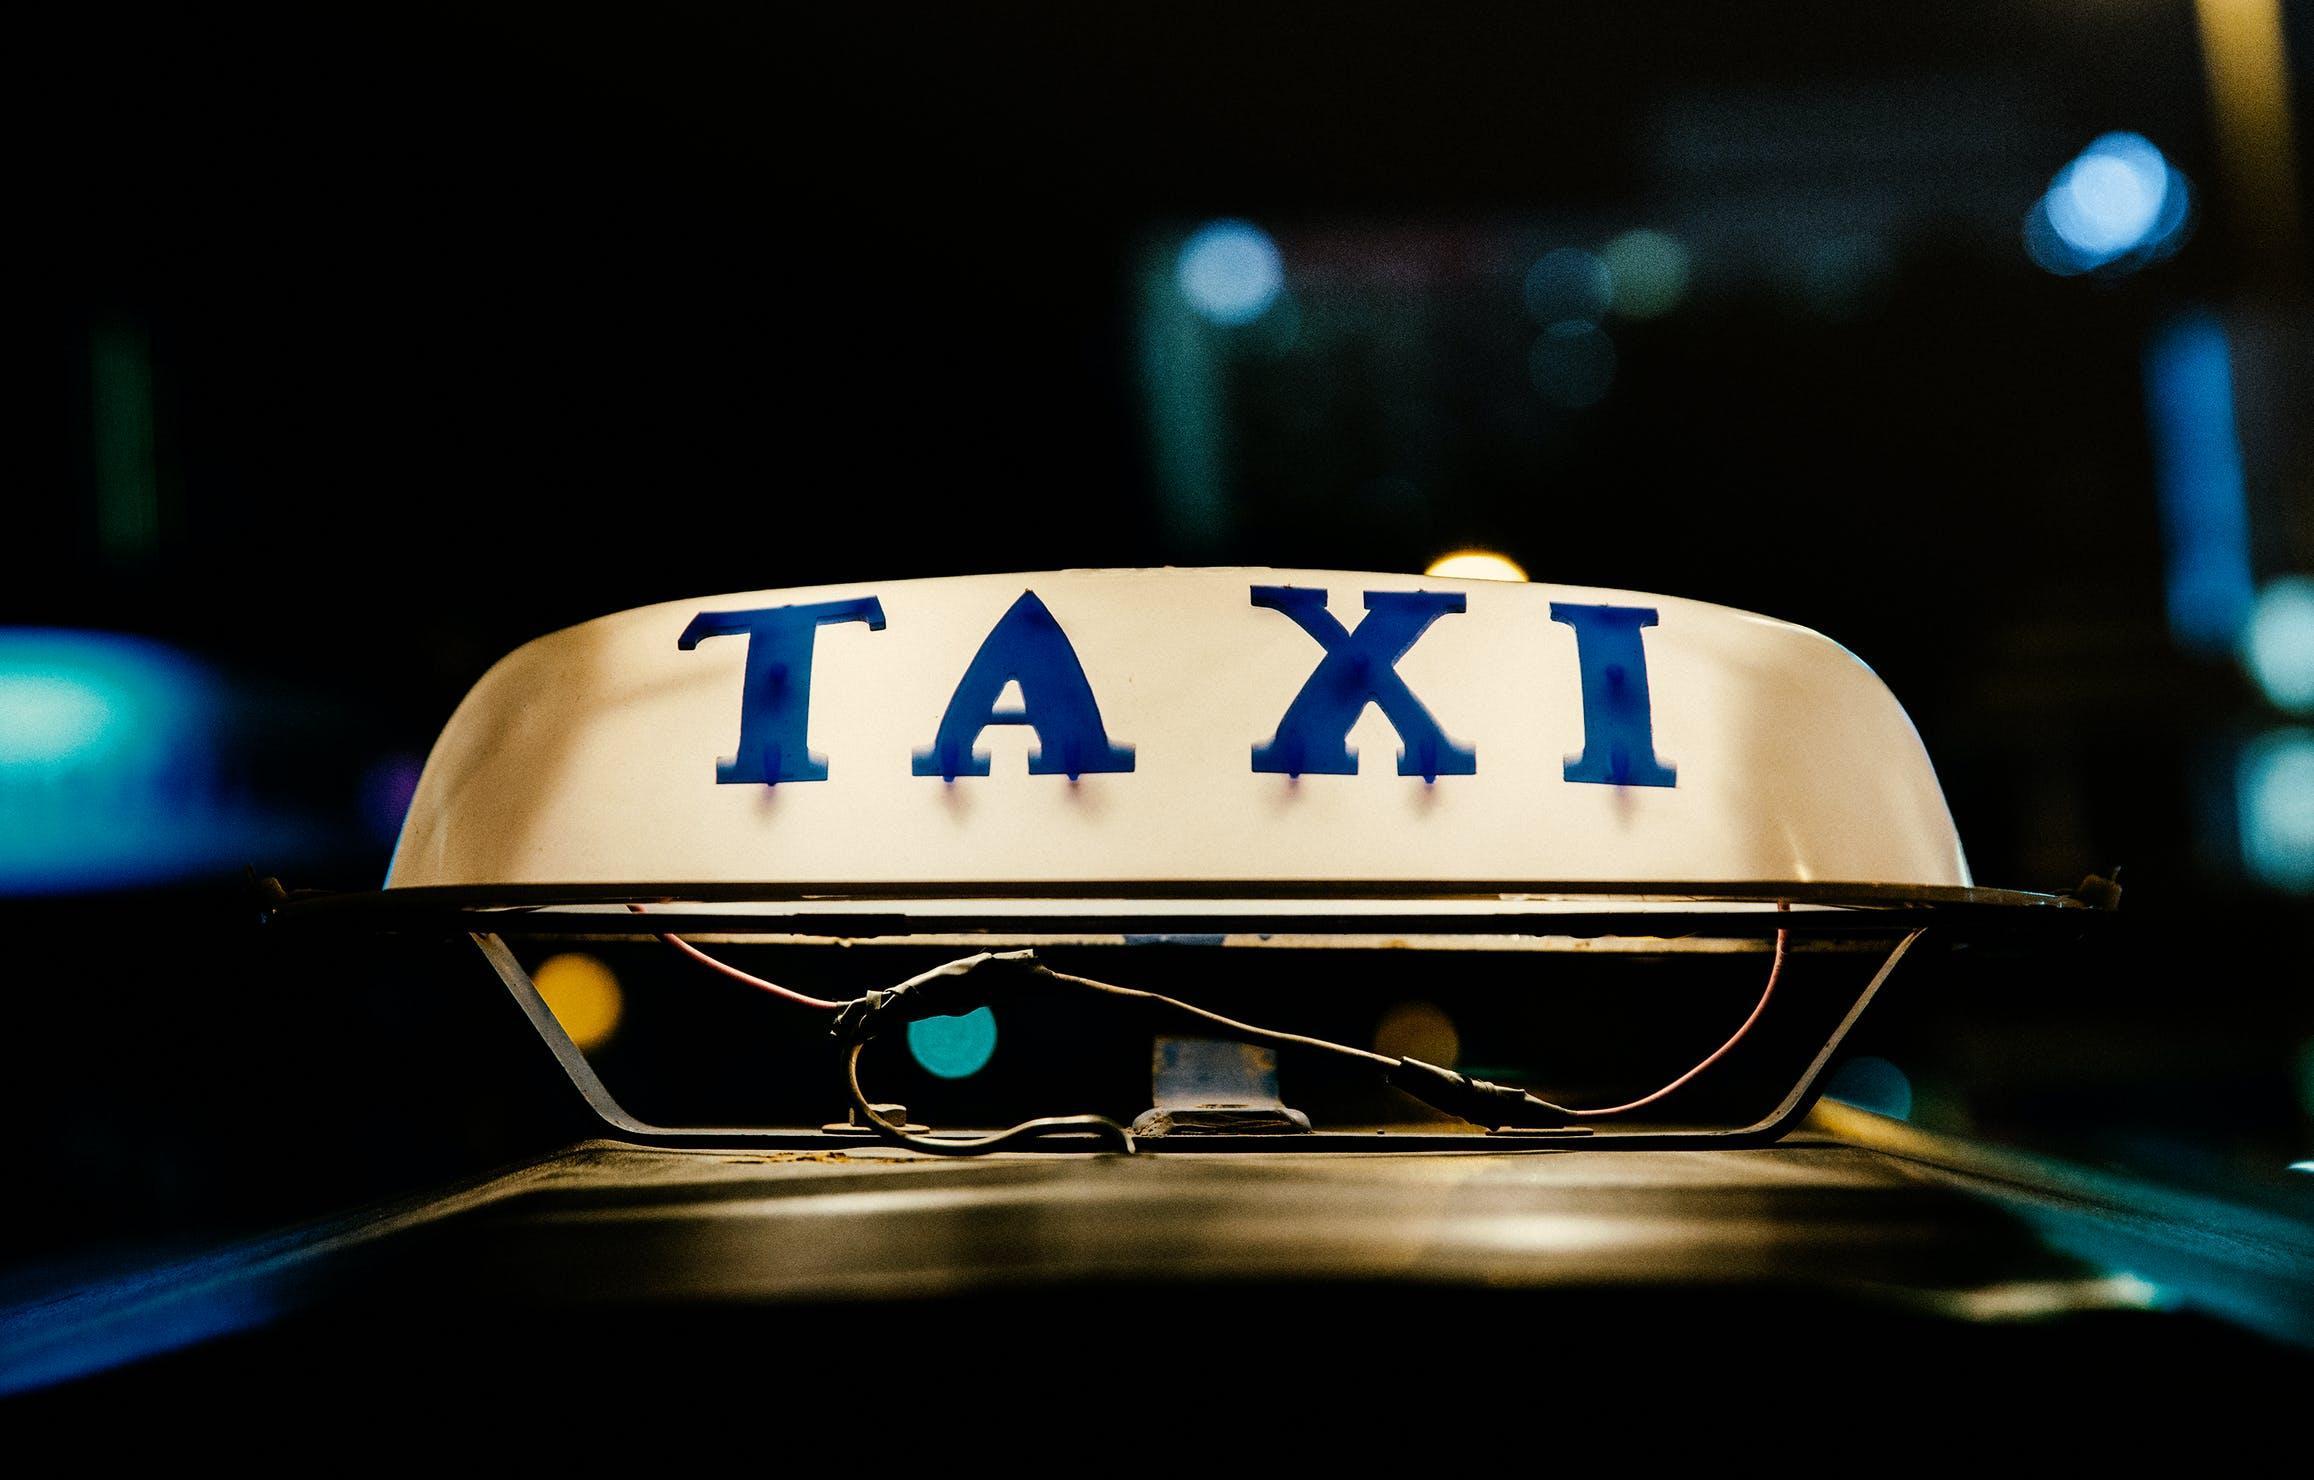 ВТБ Лизинг фиксирует трехкратный рост объемов сделок с операторами такси - новости Афанасий